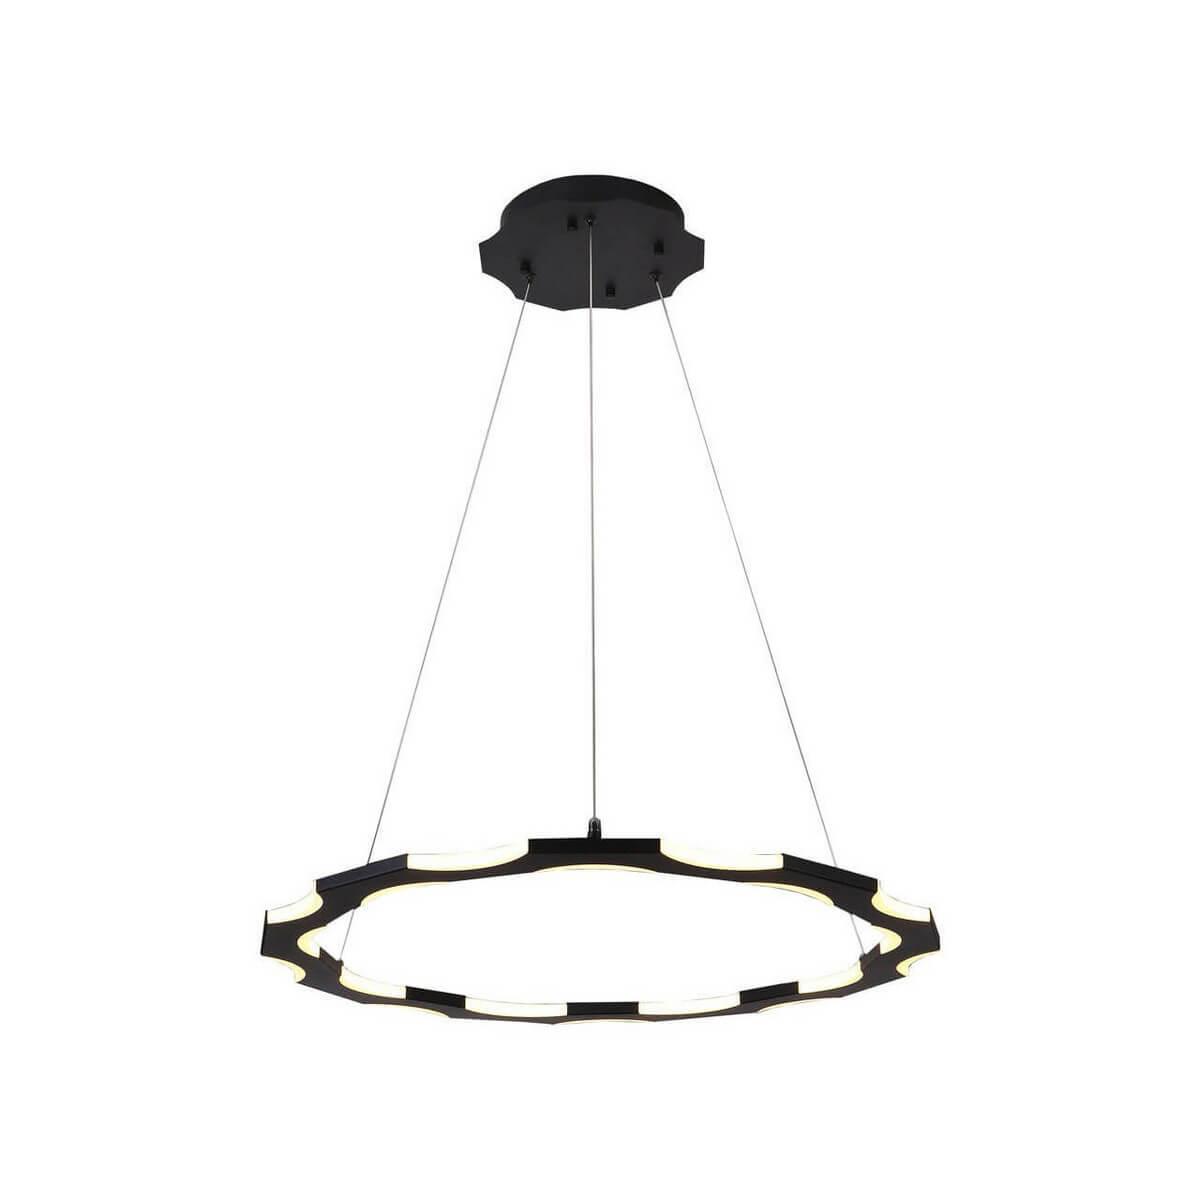 Подвесной светильник Kink Light 08502,19, LED, 60 Вт kink light подвесной светодиодный светильник kink light парете 08725 2